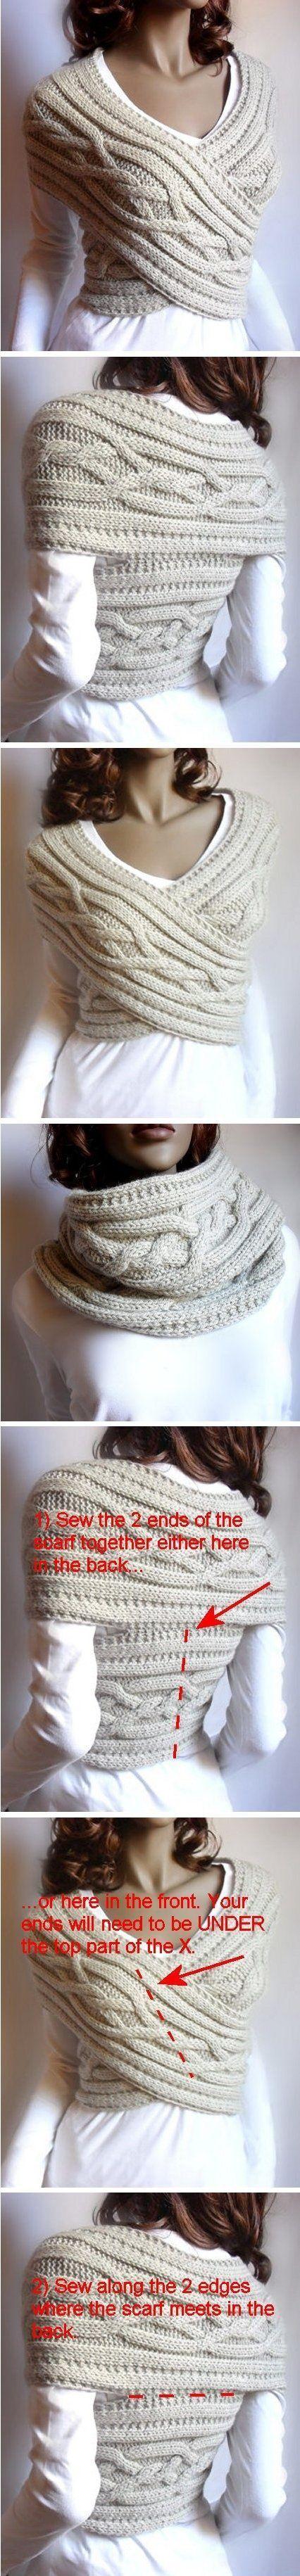 Teje un chaleco de lana cruzado